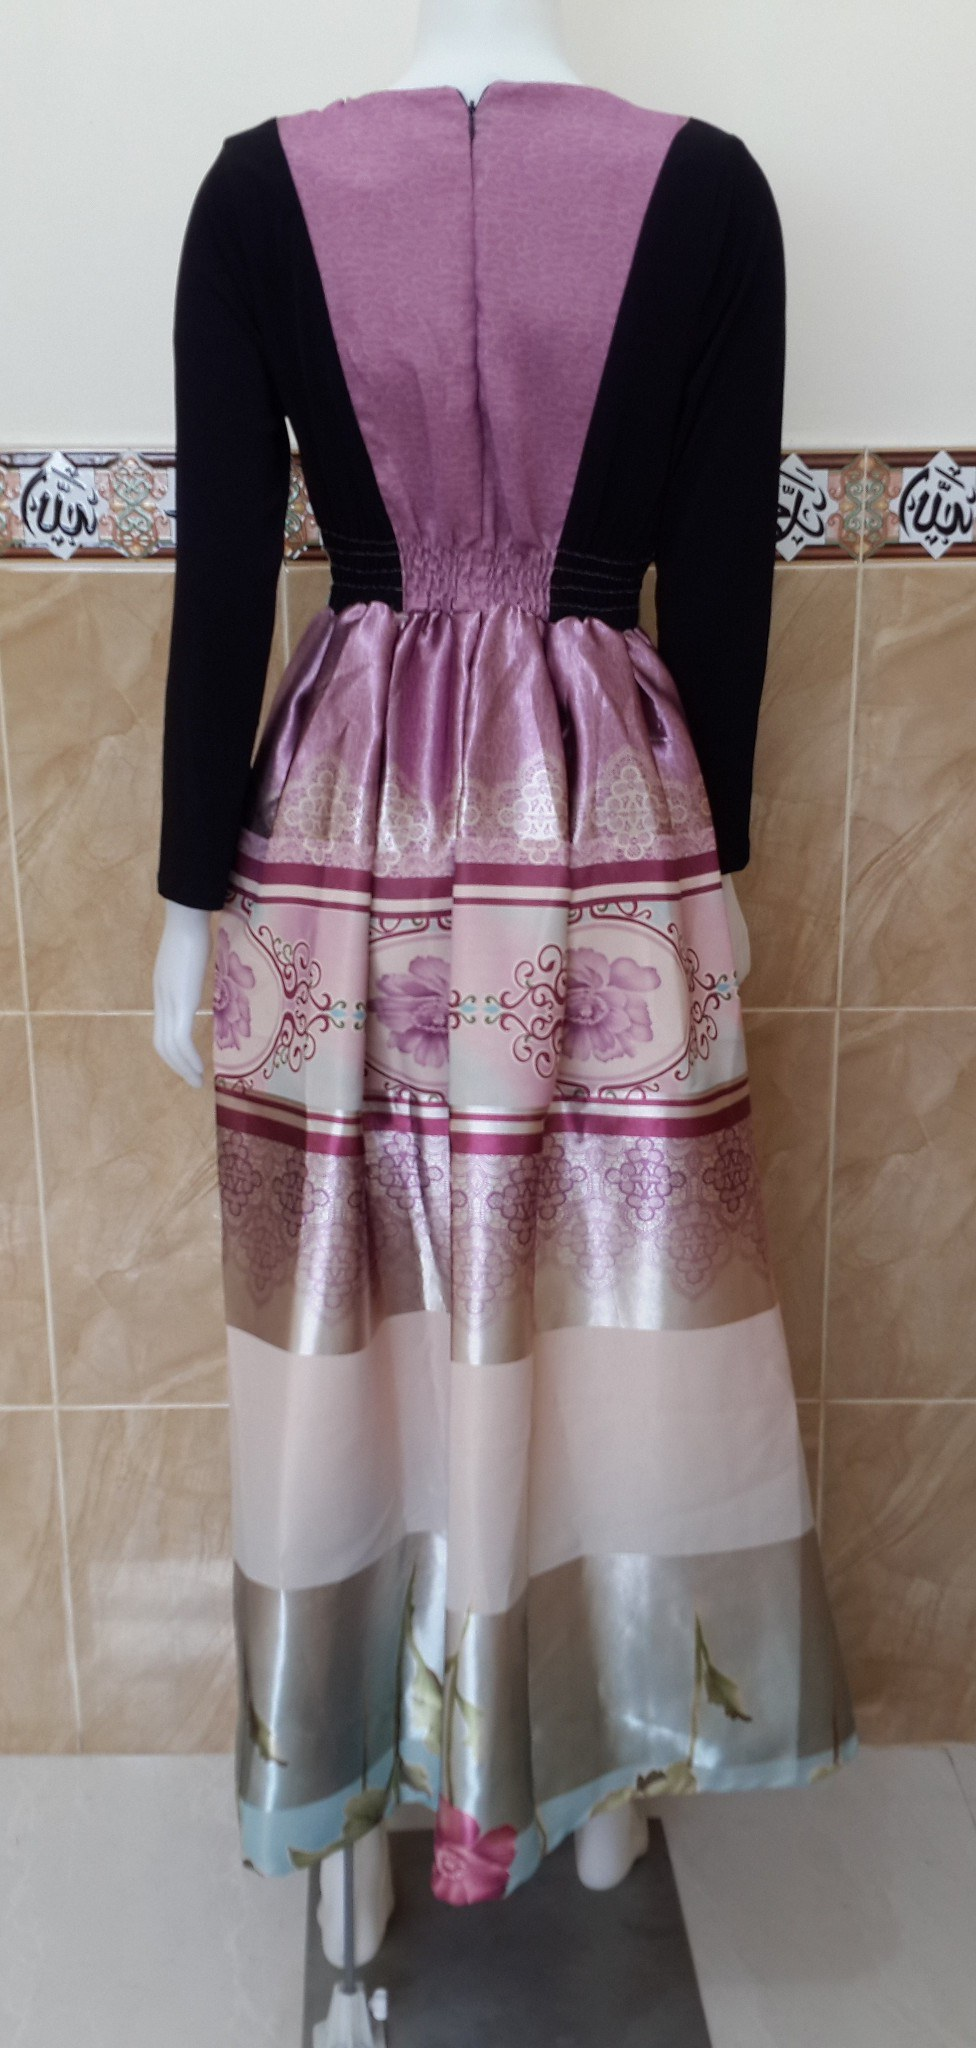 Ide Gamis Pesta Pernikahan Tqd3 Gamis Pernikahan Cantik Jual Mainboard W210cumb 0d Bekas Mb